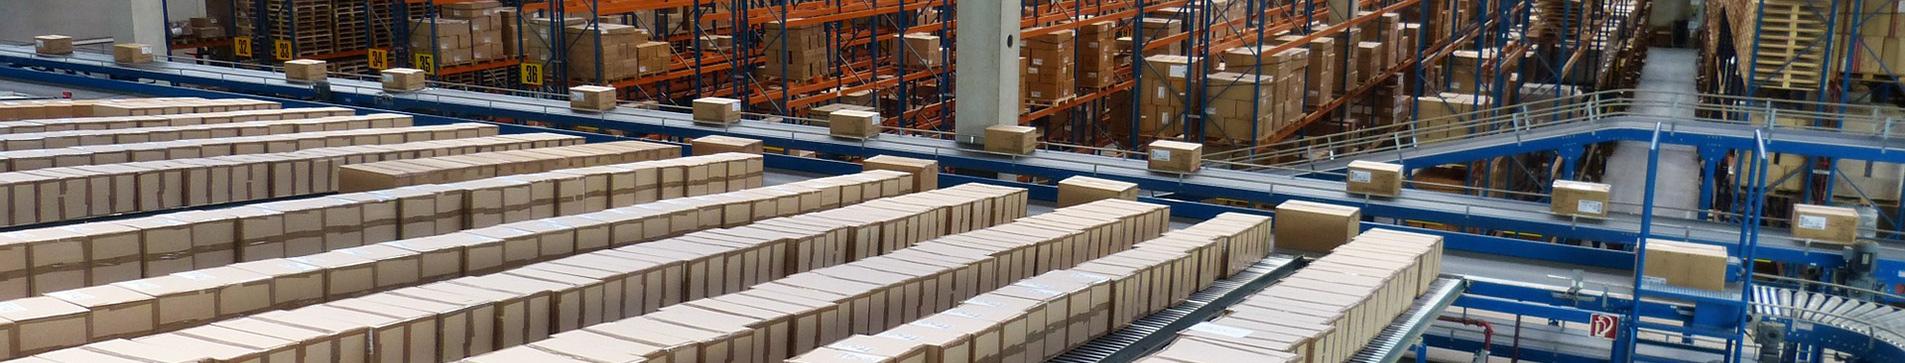 Warenwirtschaft Software Liefersystem Versand Lager Logistik hundert Pakete